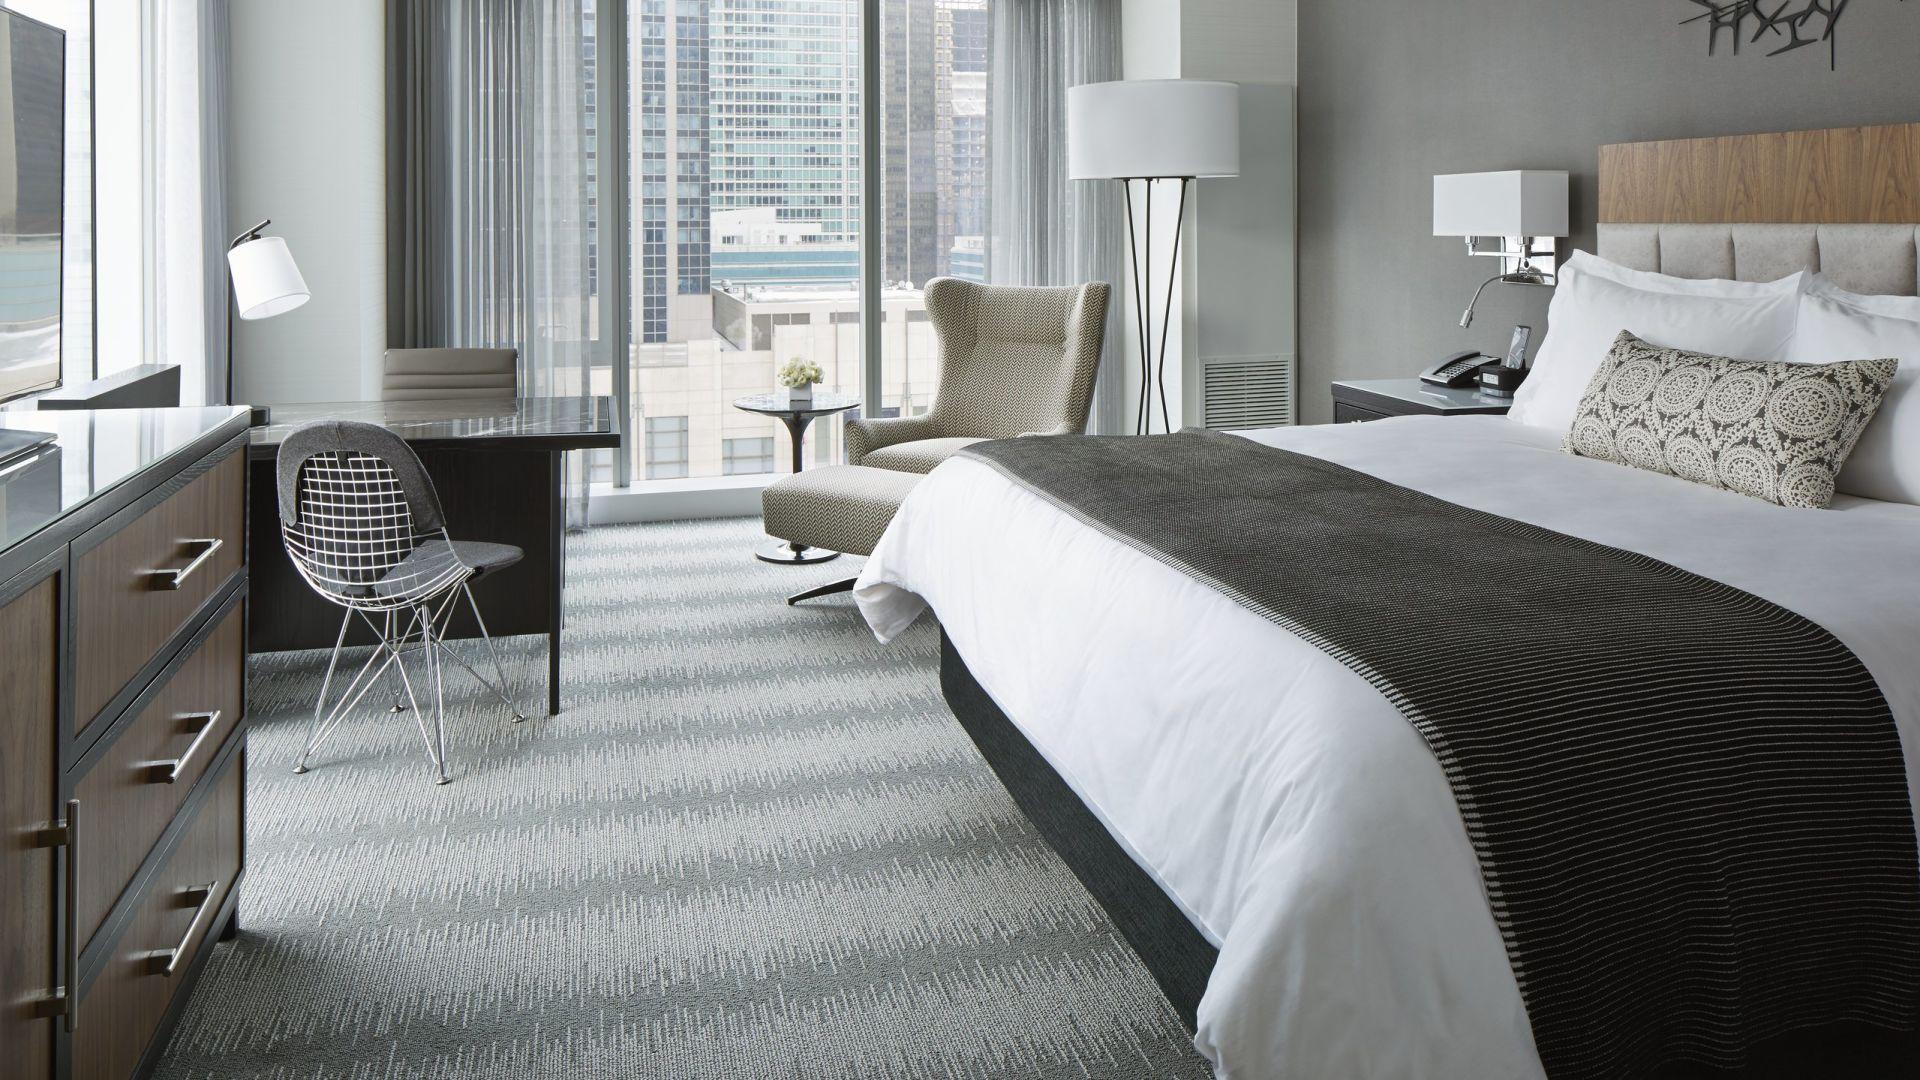 Habitación king elegante con vista esquinera | Loews Chicago Hotel